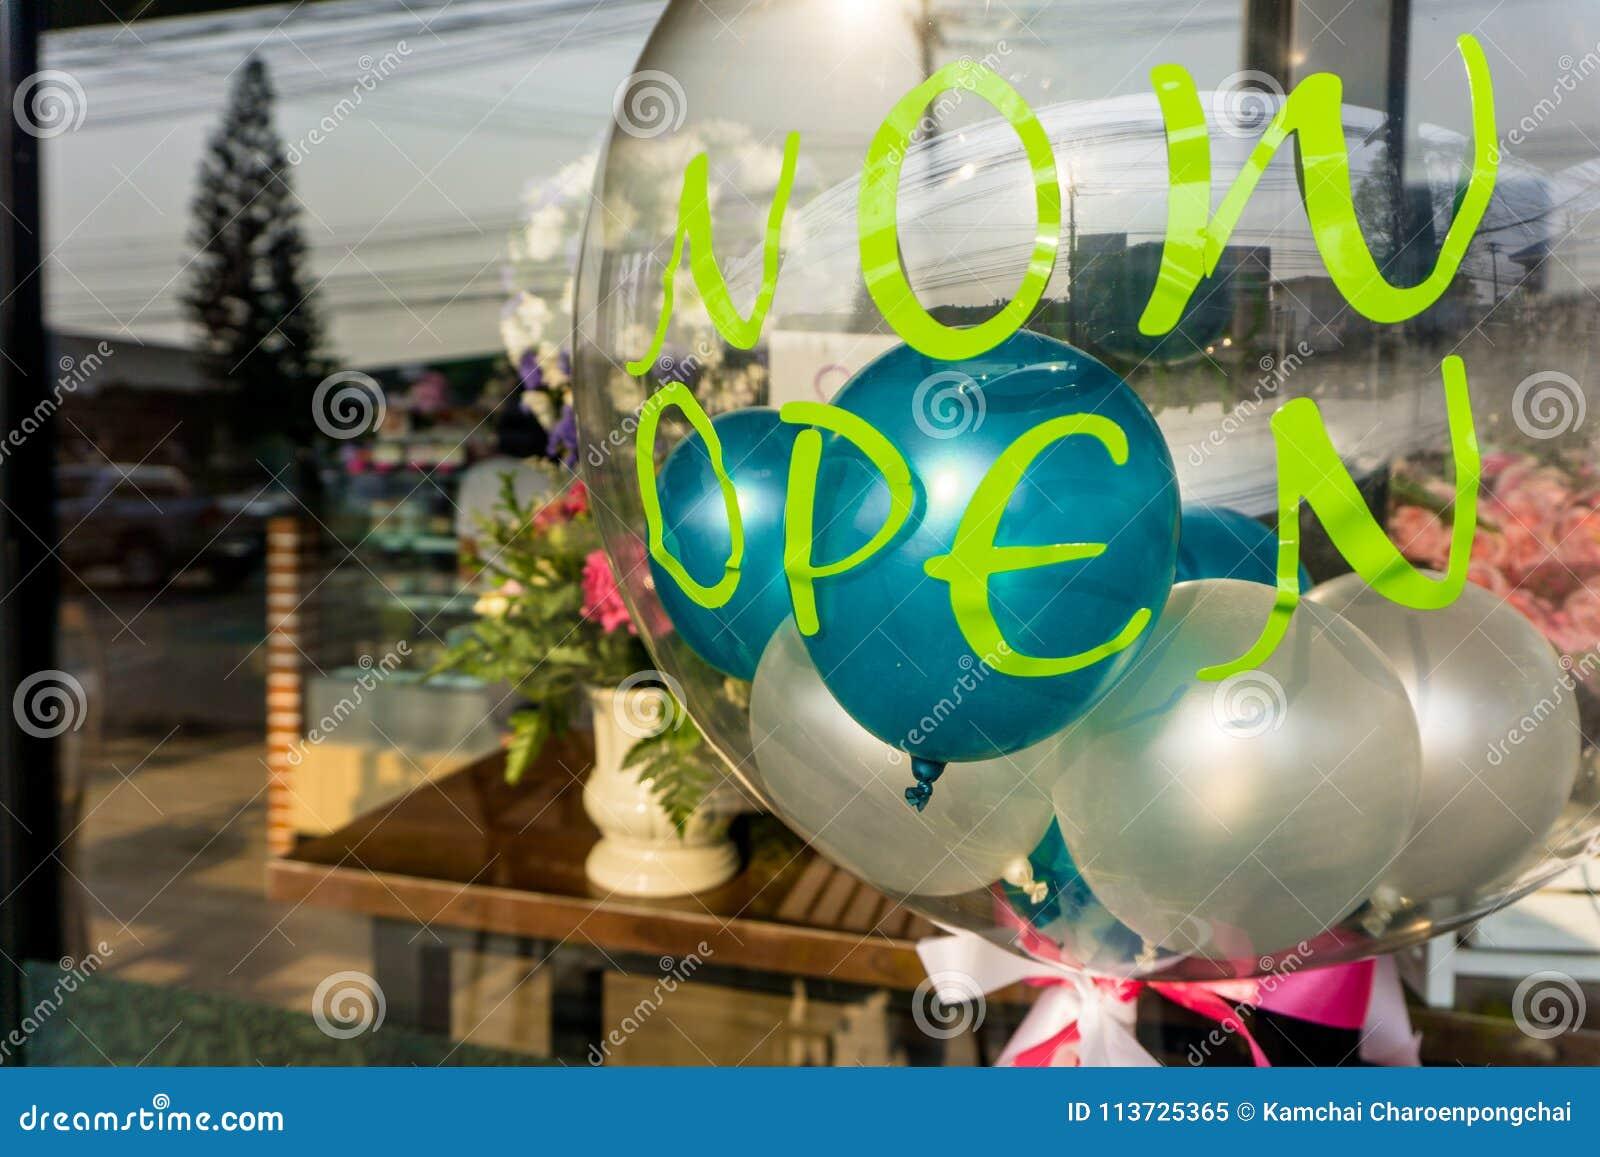 ` Jetzt offener ` Aufkleber auf transparentem Ballon mit anderen kleinen bunten Ballonen nach innen